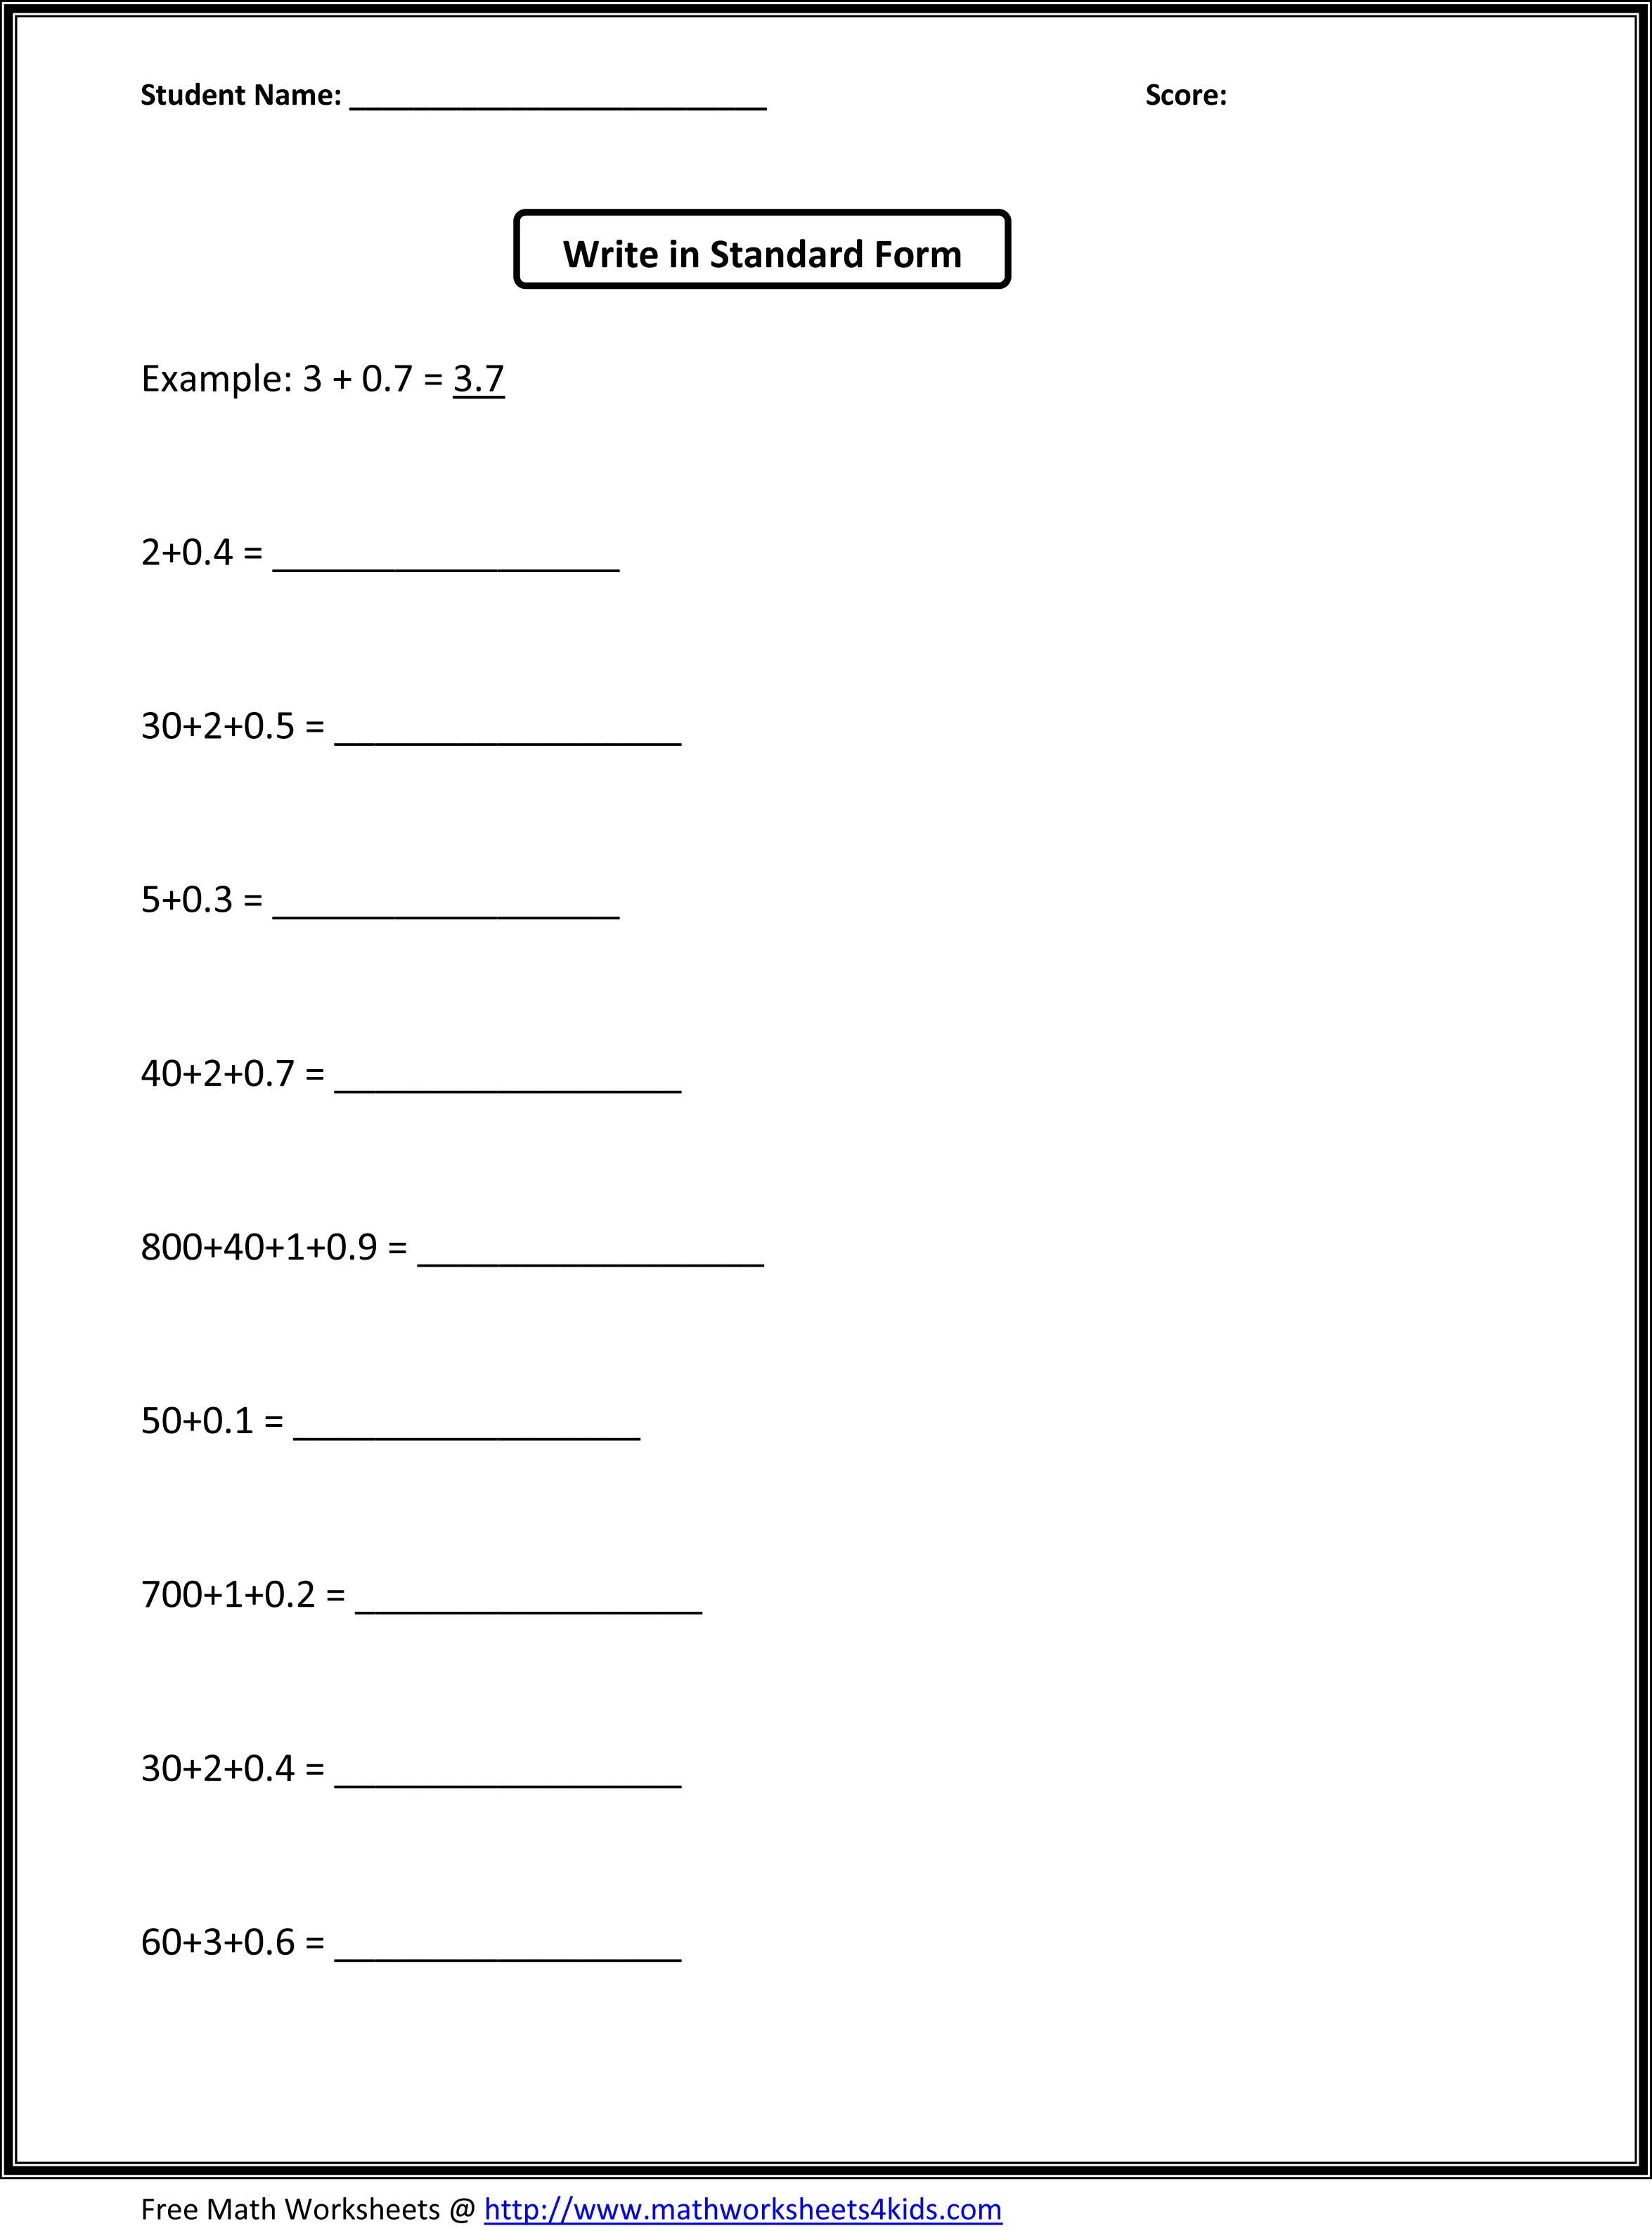 16 Best Images Of Standard Form Worksheets 2nd Grade